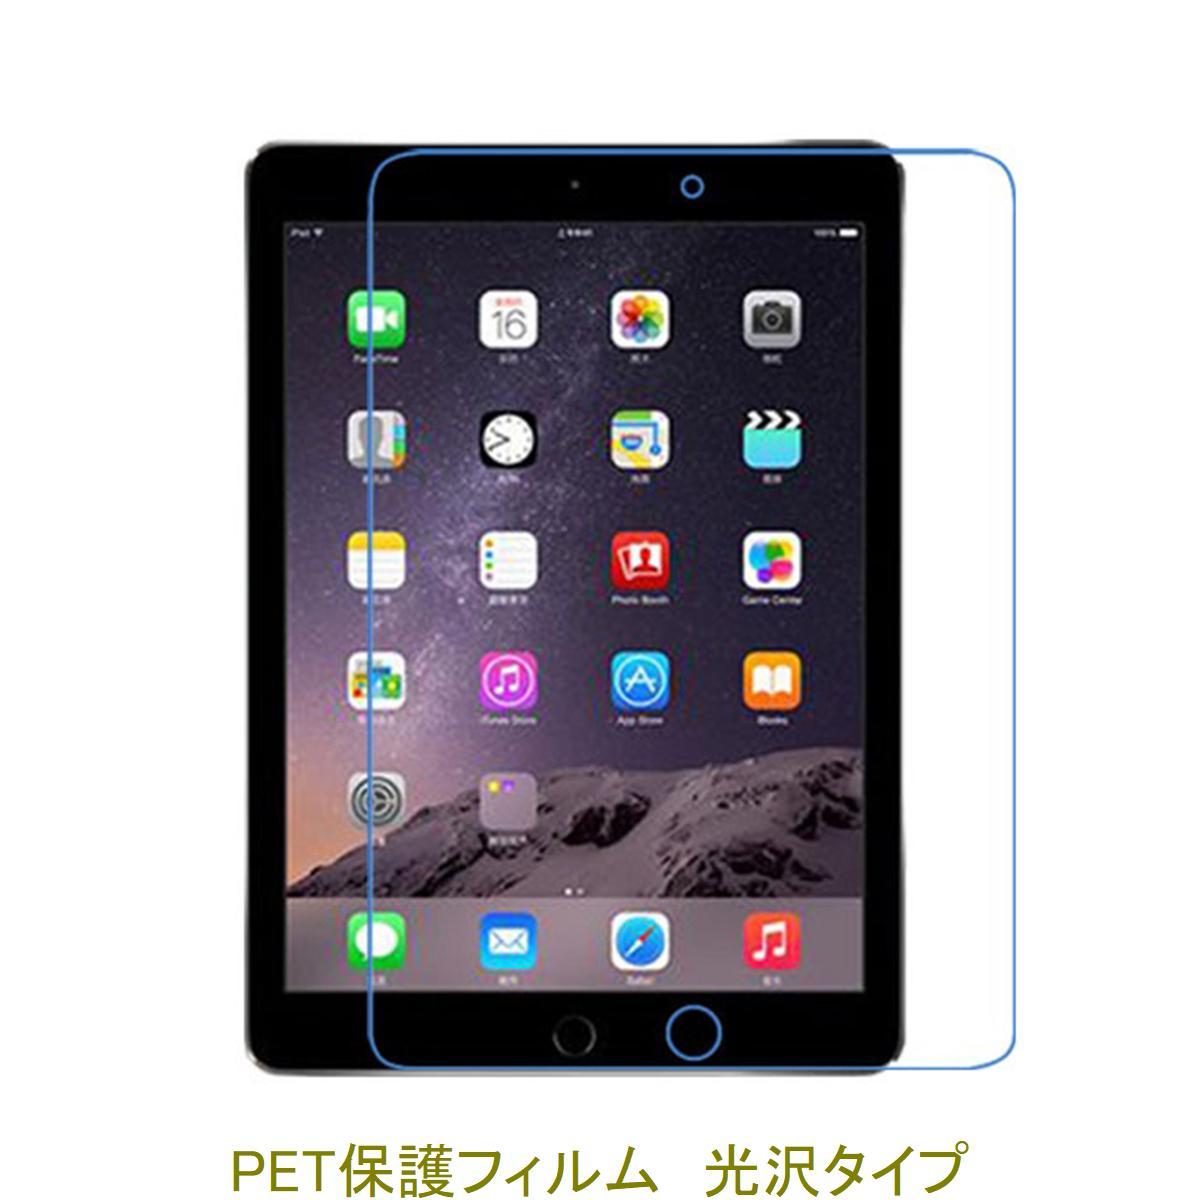 メール便送料無料 iPad 第5世代 2017年 第6世代 2018年 Air 2013年 Air2 2014年 9.7インチ 液晶保護フィルム 新着セール 即納 クリア 高光沢